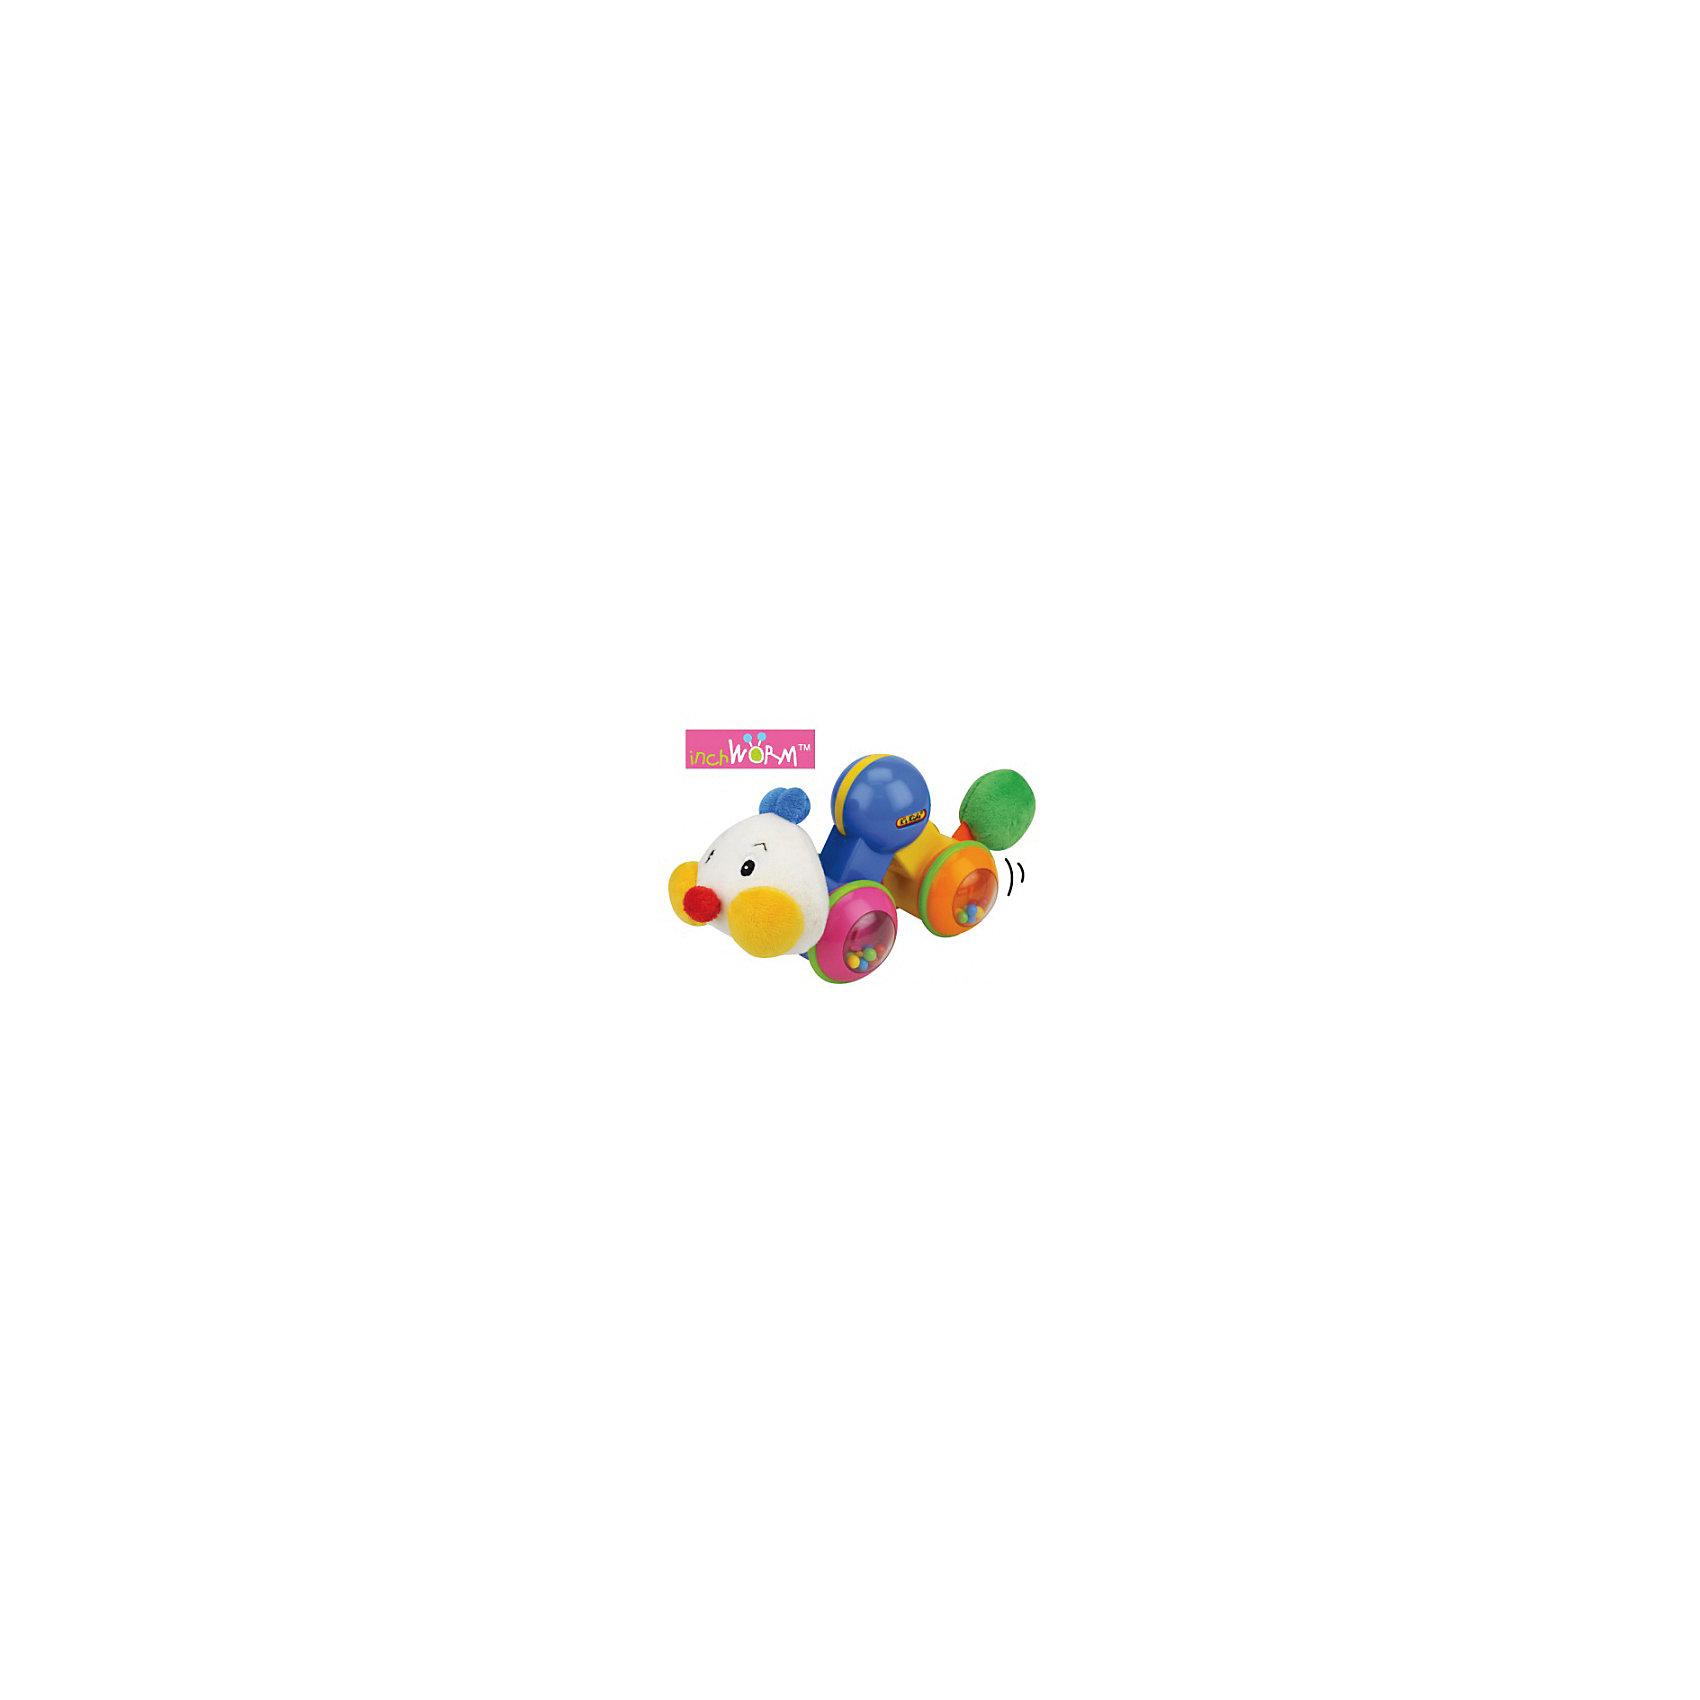 Развивающая игрушка Гусеничка: нажми и догони, Ks KidsРазвивающие игрушки<br>Развивающая игрушка Гусеничка: нажми и догони, Ks Kids ? игрушка, которая будет стимулировать вашего малыша к ползанию. Гусеничка состоит из подвижных отдельных модулей, которые в состоянии покоя находятся в собранном виде, при растягивании игрушка начинает двигаться, движение продолжается до тех пор, пока гусеница не соберется в исходное состояние. <br>Выполненная из яркого безопасного пластика Гусеничка: нажми и догони, Ks Kids подарит вашему малышу веселое времяпрепровождение: с ней можно играть не только в догонялки. У игрушки есть много развивающих элементов: пищалка в хвостике, вращение головки сопровождается треском, а колеса-модули наполнены разноцветными шариками, которые ударяясь друг о друга  при движении издают звук.<br>Развивающая игрушка Гусеничка: нажми и догони, Ks Kids предназначена для развития общего физического развития, мелкой моторики, координации движений и закрепления навыков ползания.<br><br>Дополнительная информация:<br><br>- Вид игр: подвижные и развивающие игры<br>- Предназначение: для дома, для улицы<br>- Материал: текстиль, пластик<br>- Размер: 22*8*11 см<br>- Вес: 400 г<br>- Комплектация: съемный комбинезон и ботиночки<br>- Особенности ухода: ручная стирка или машинная на режиме деликатной стирки <br><br>Подробнее:<br><br>• Для детей в возрасте: от 0 месяцев до 1 года<br>• Страна производитель: Китай<br>• Торговый бренд: Ks Kids (Кс Кидс)<br><br>Развивающую игрушку Гусеничка: нажми и догони, Ks Kids (Кс Кидс) можно купить в нашем интернет-магазине.<br><br>Ширина мм: 190<br>Глубина мм: 85<br>Высота мм: 238<br>Вес г: 370<br>Возраст от месяцев: 0<br>Возраст до месяцев: 12<br>Пол: Унисекс<br>Возраст: Детский<br>SKU: 4790446